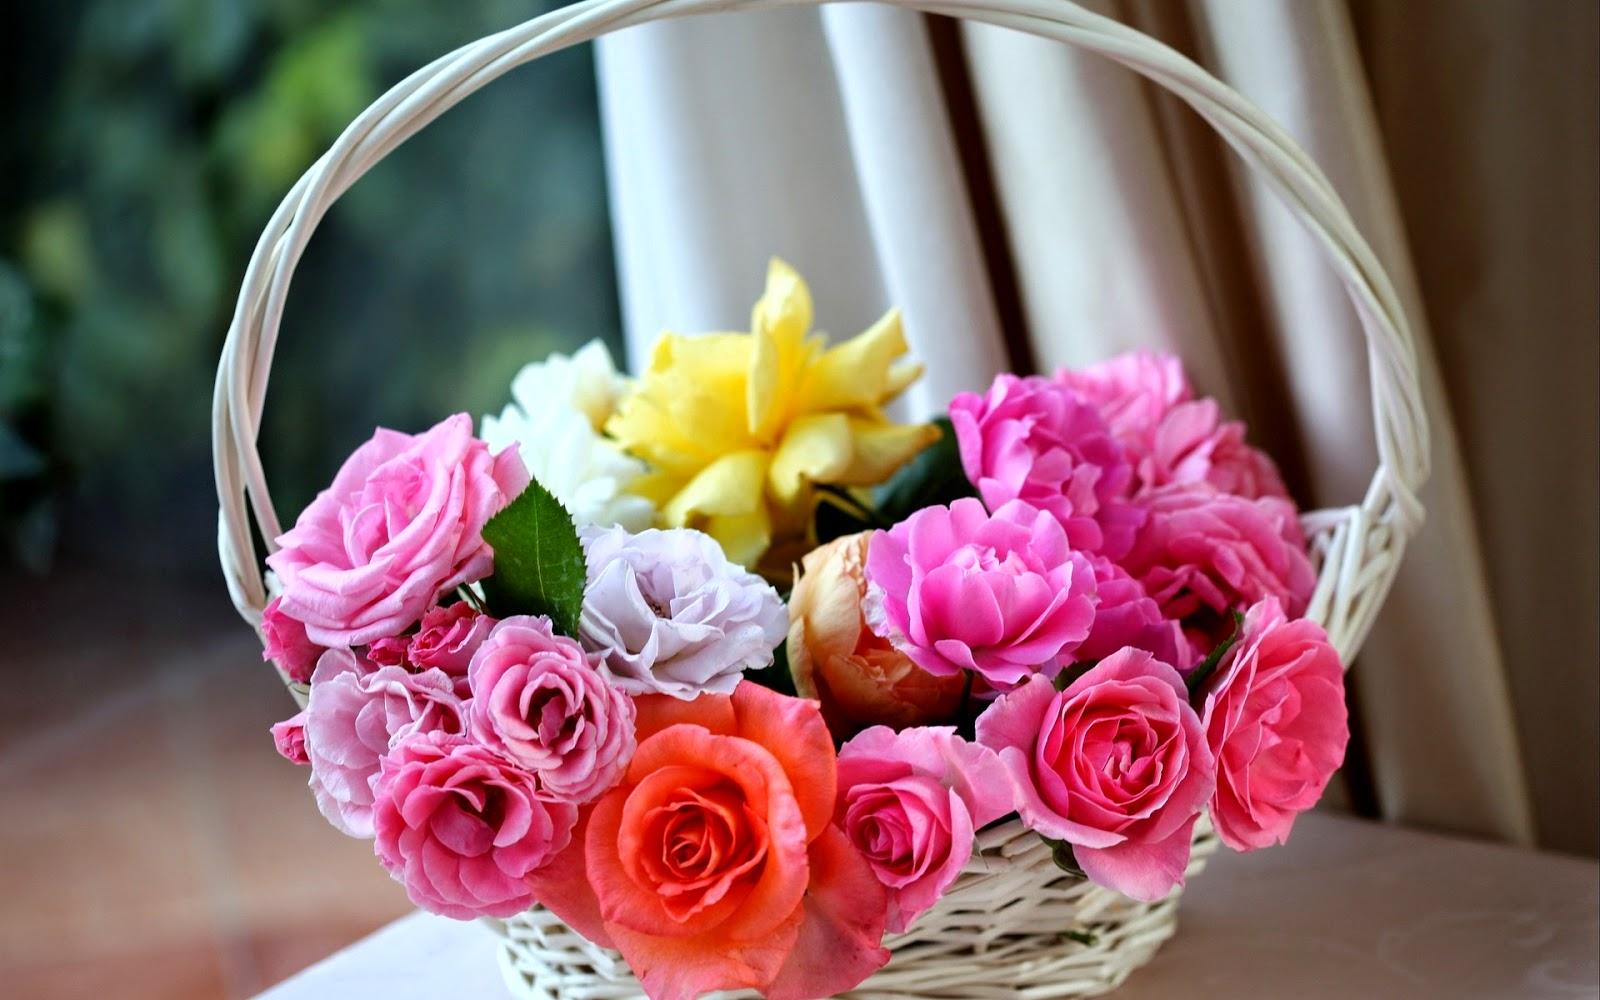 how to get good rose floweers